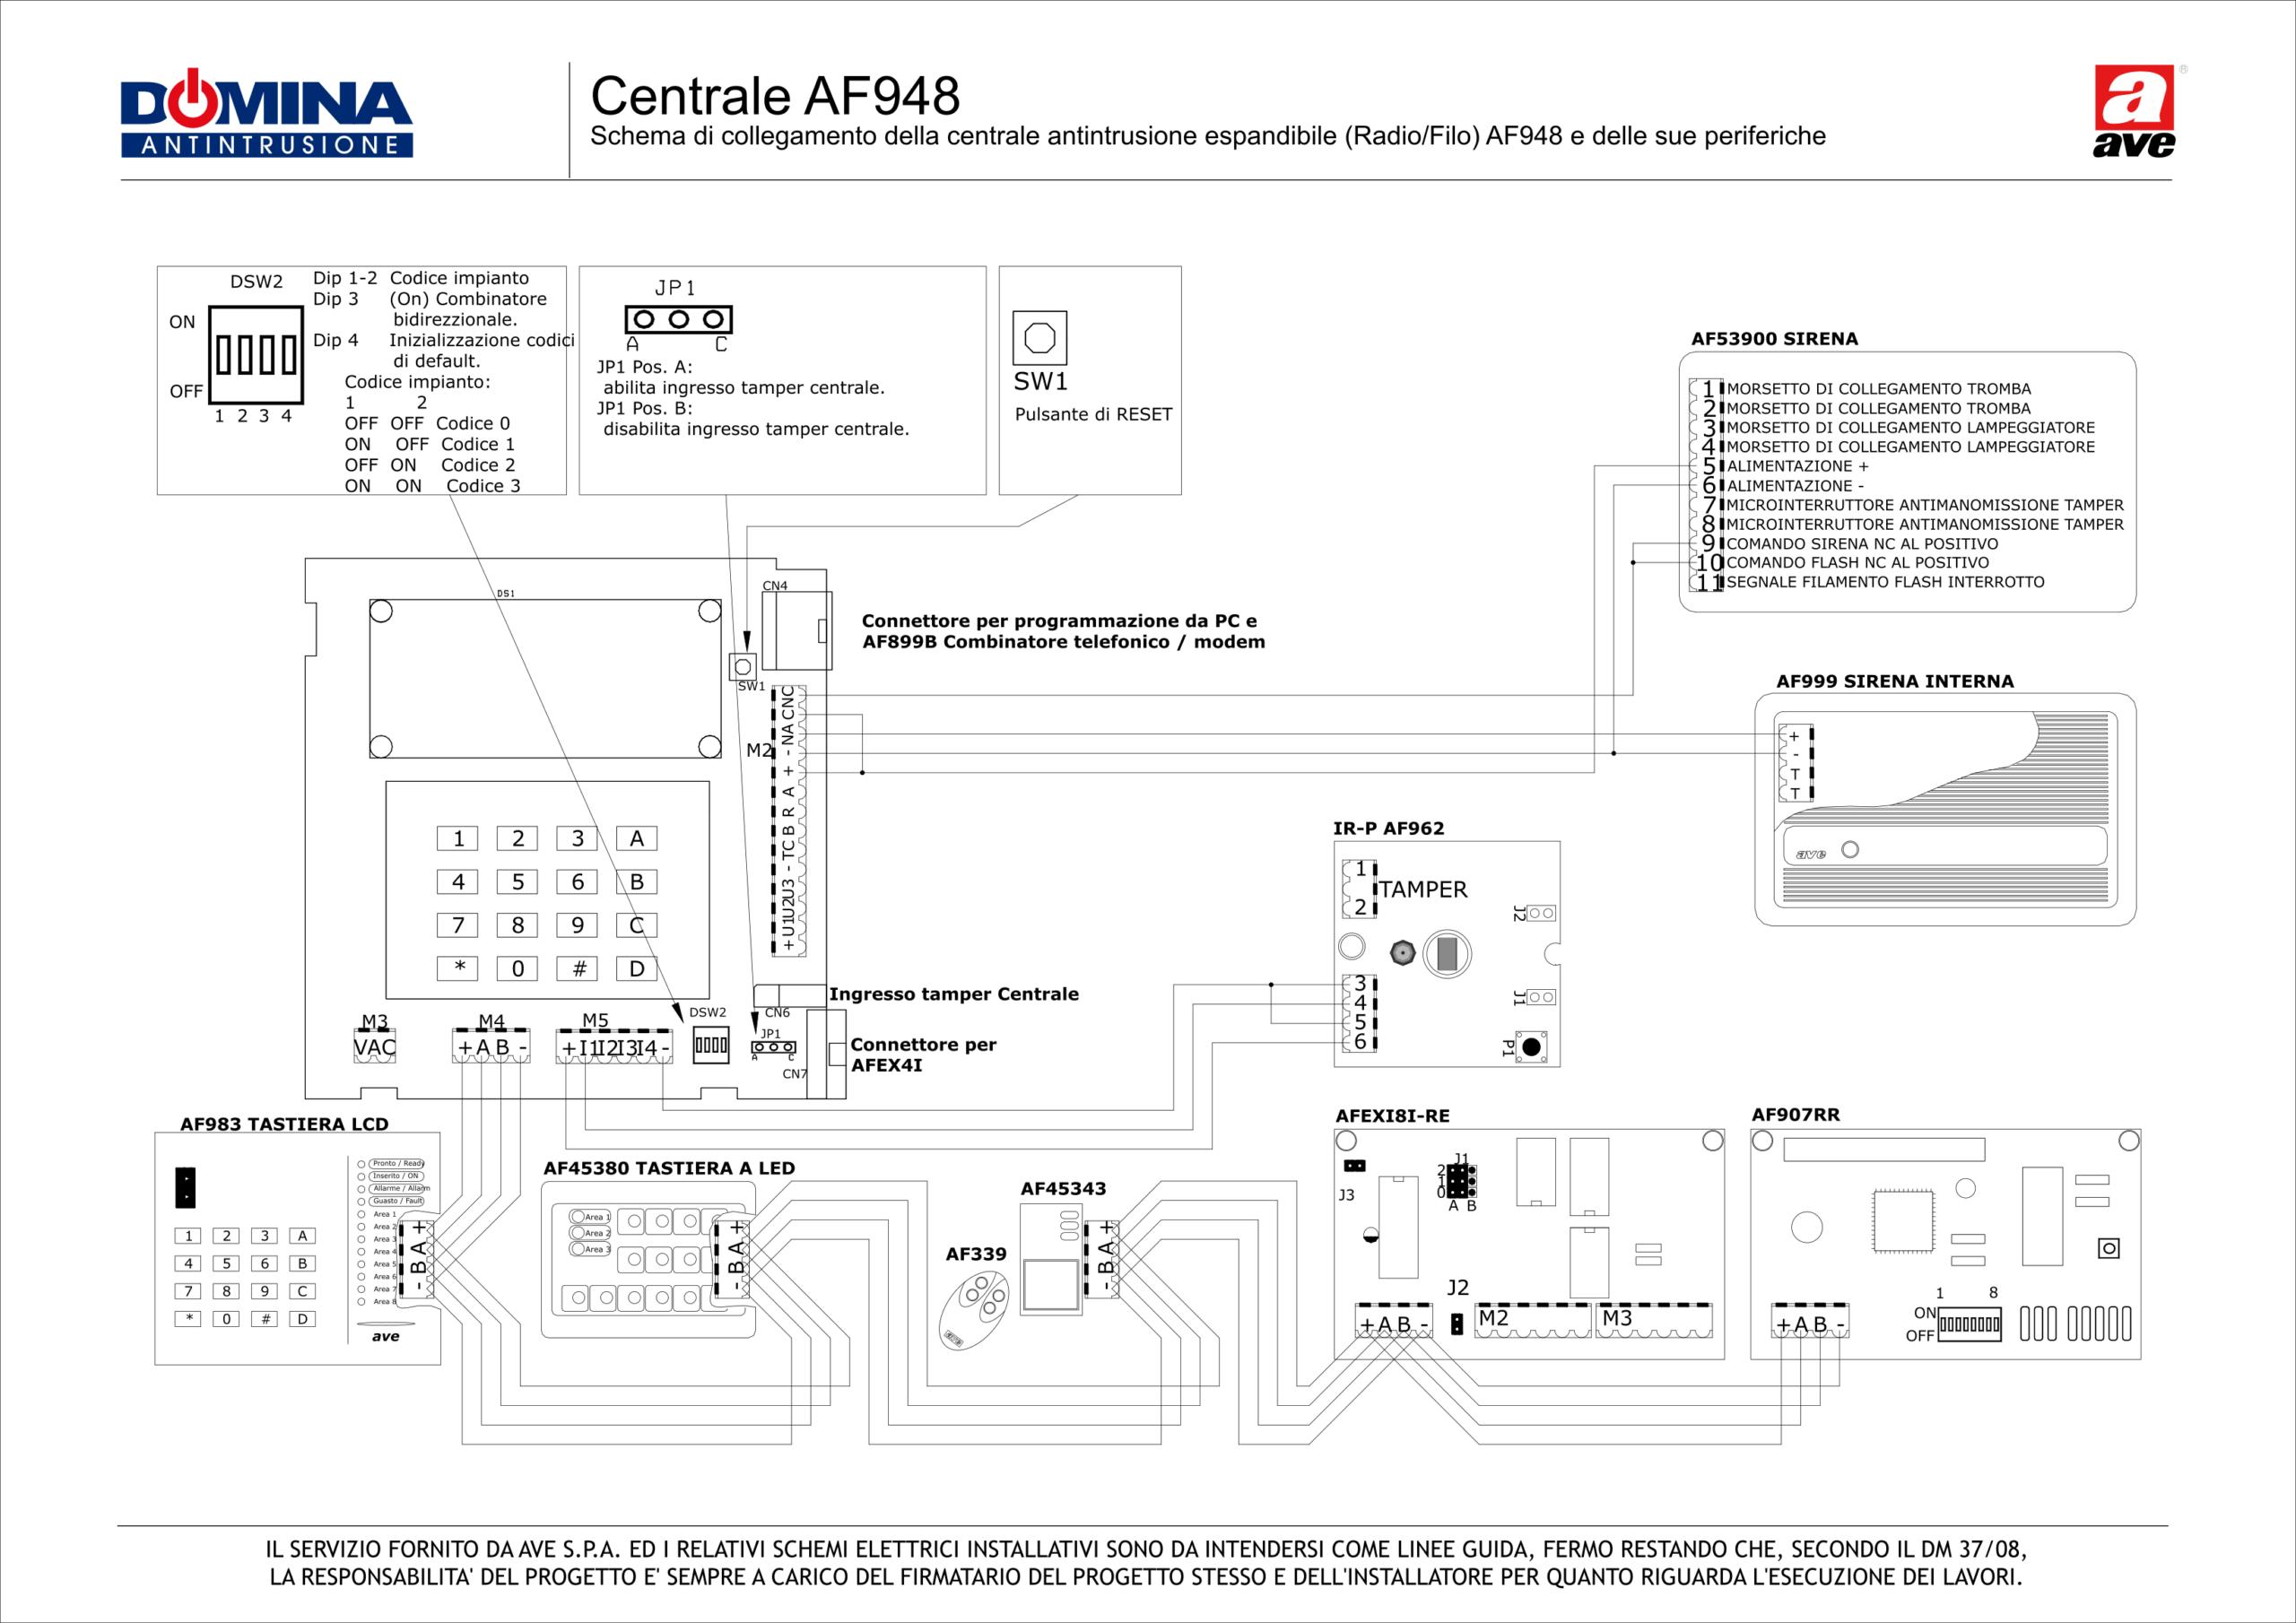 Centrale AF948